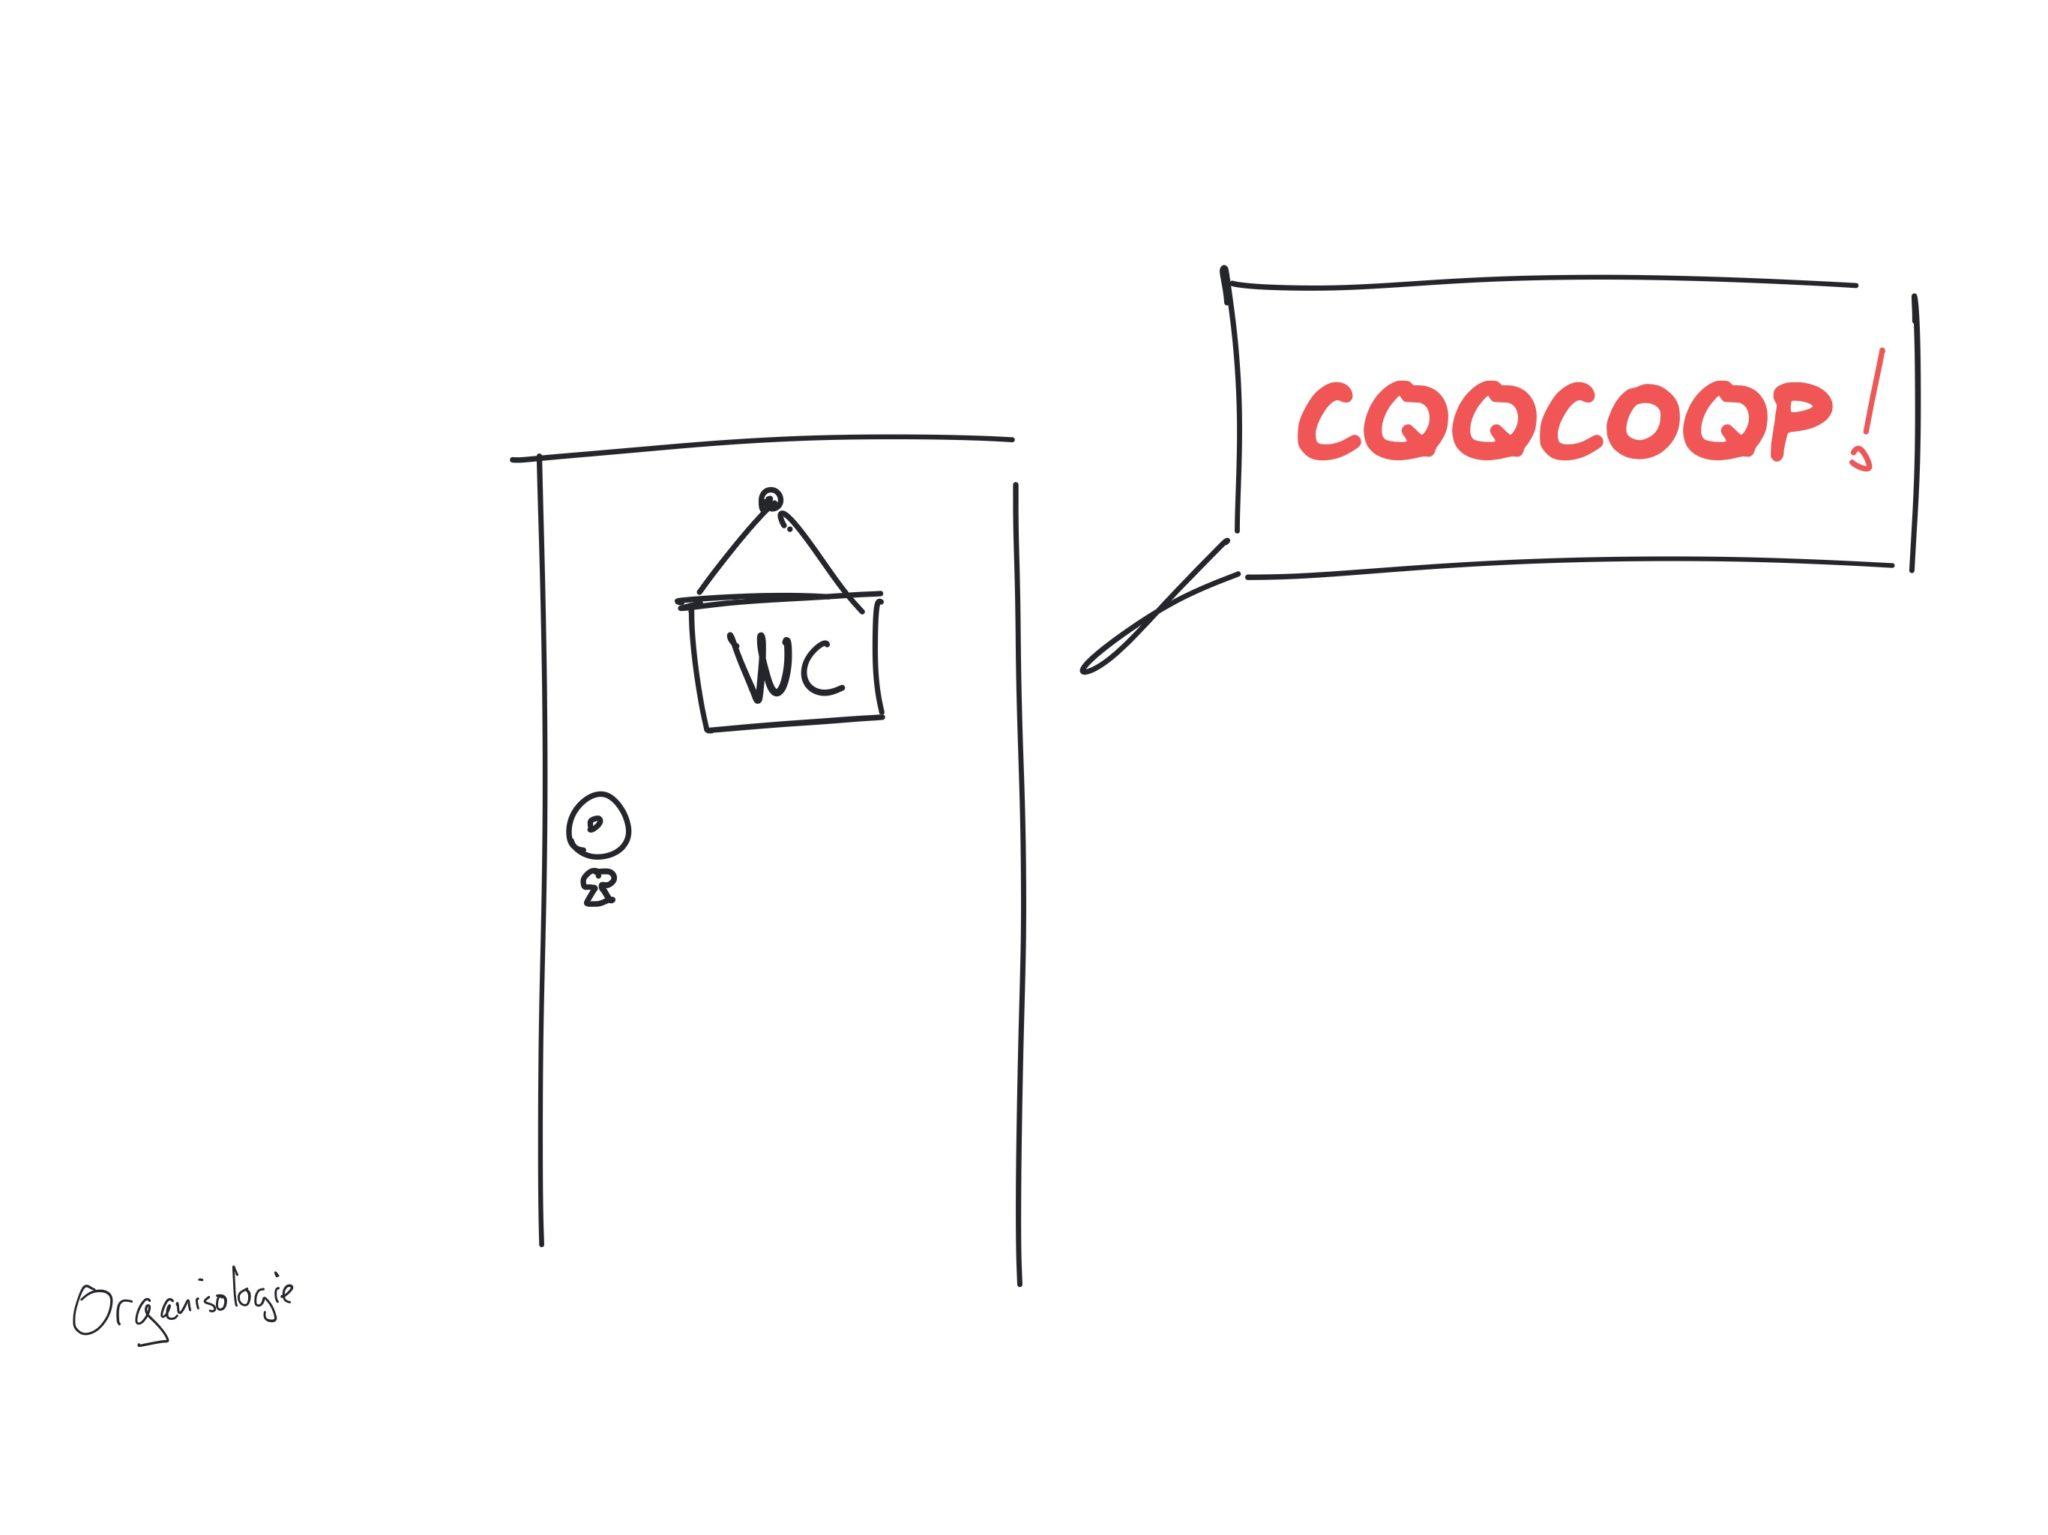 méthode CQQCOQP